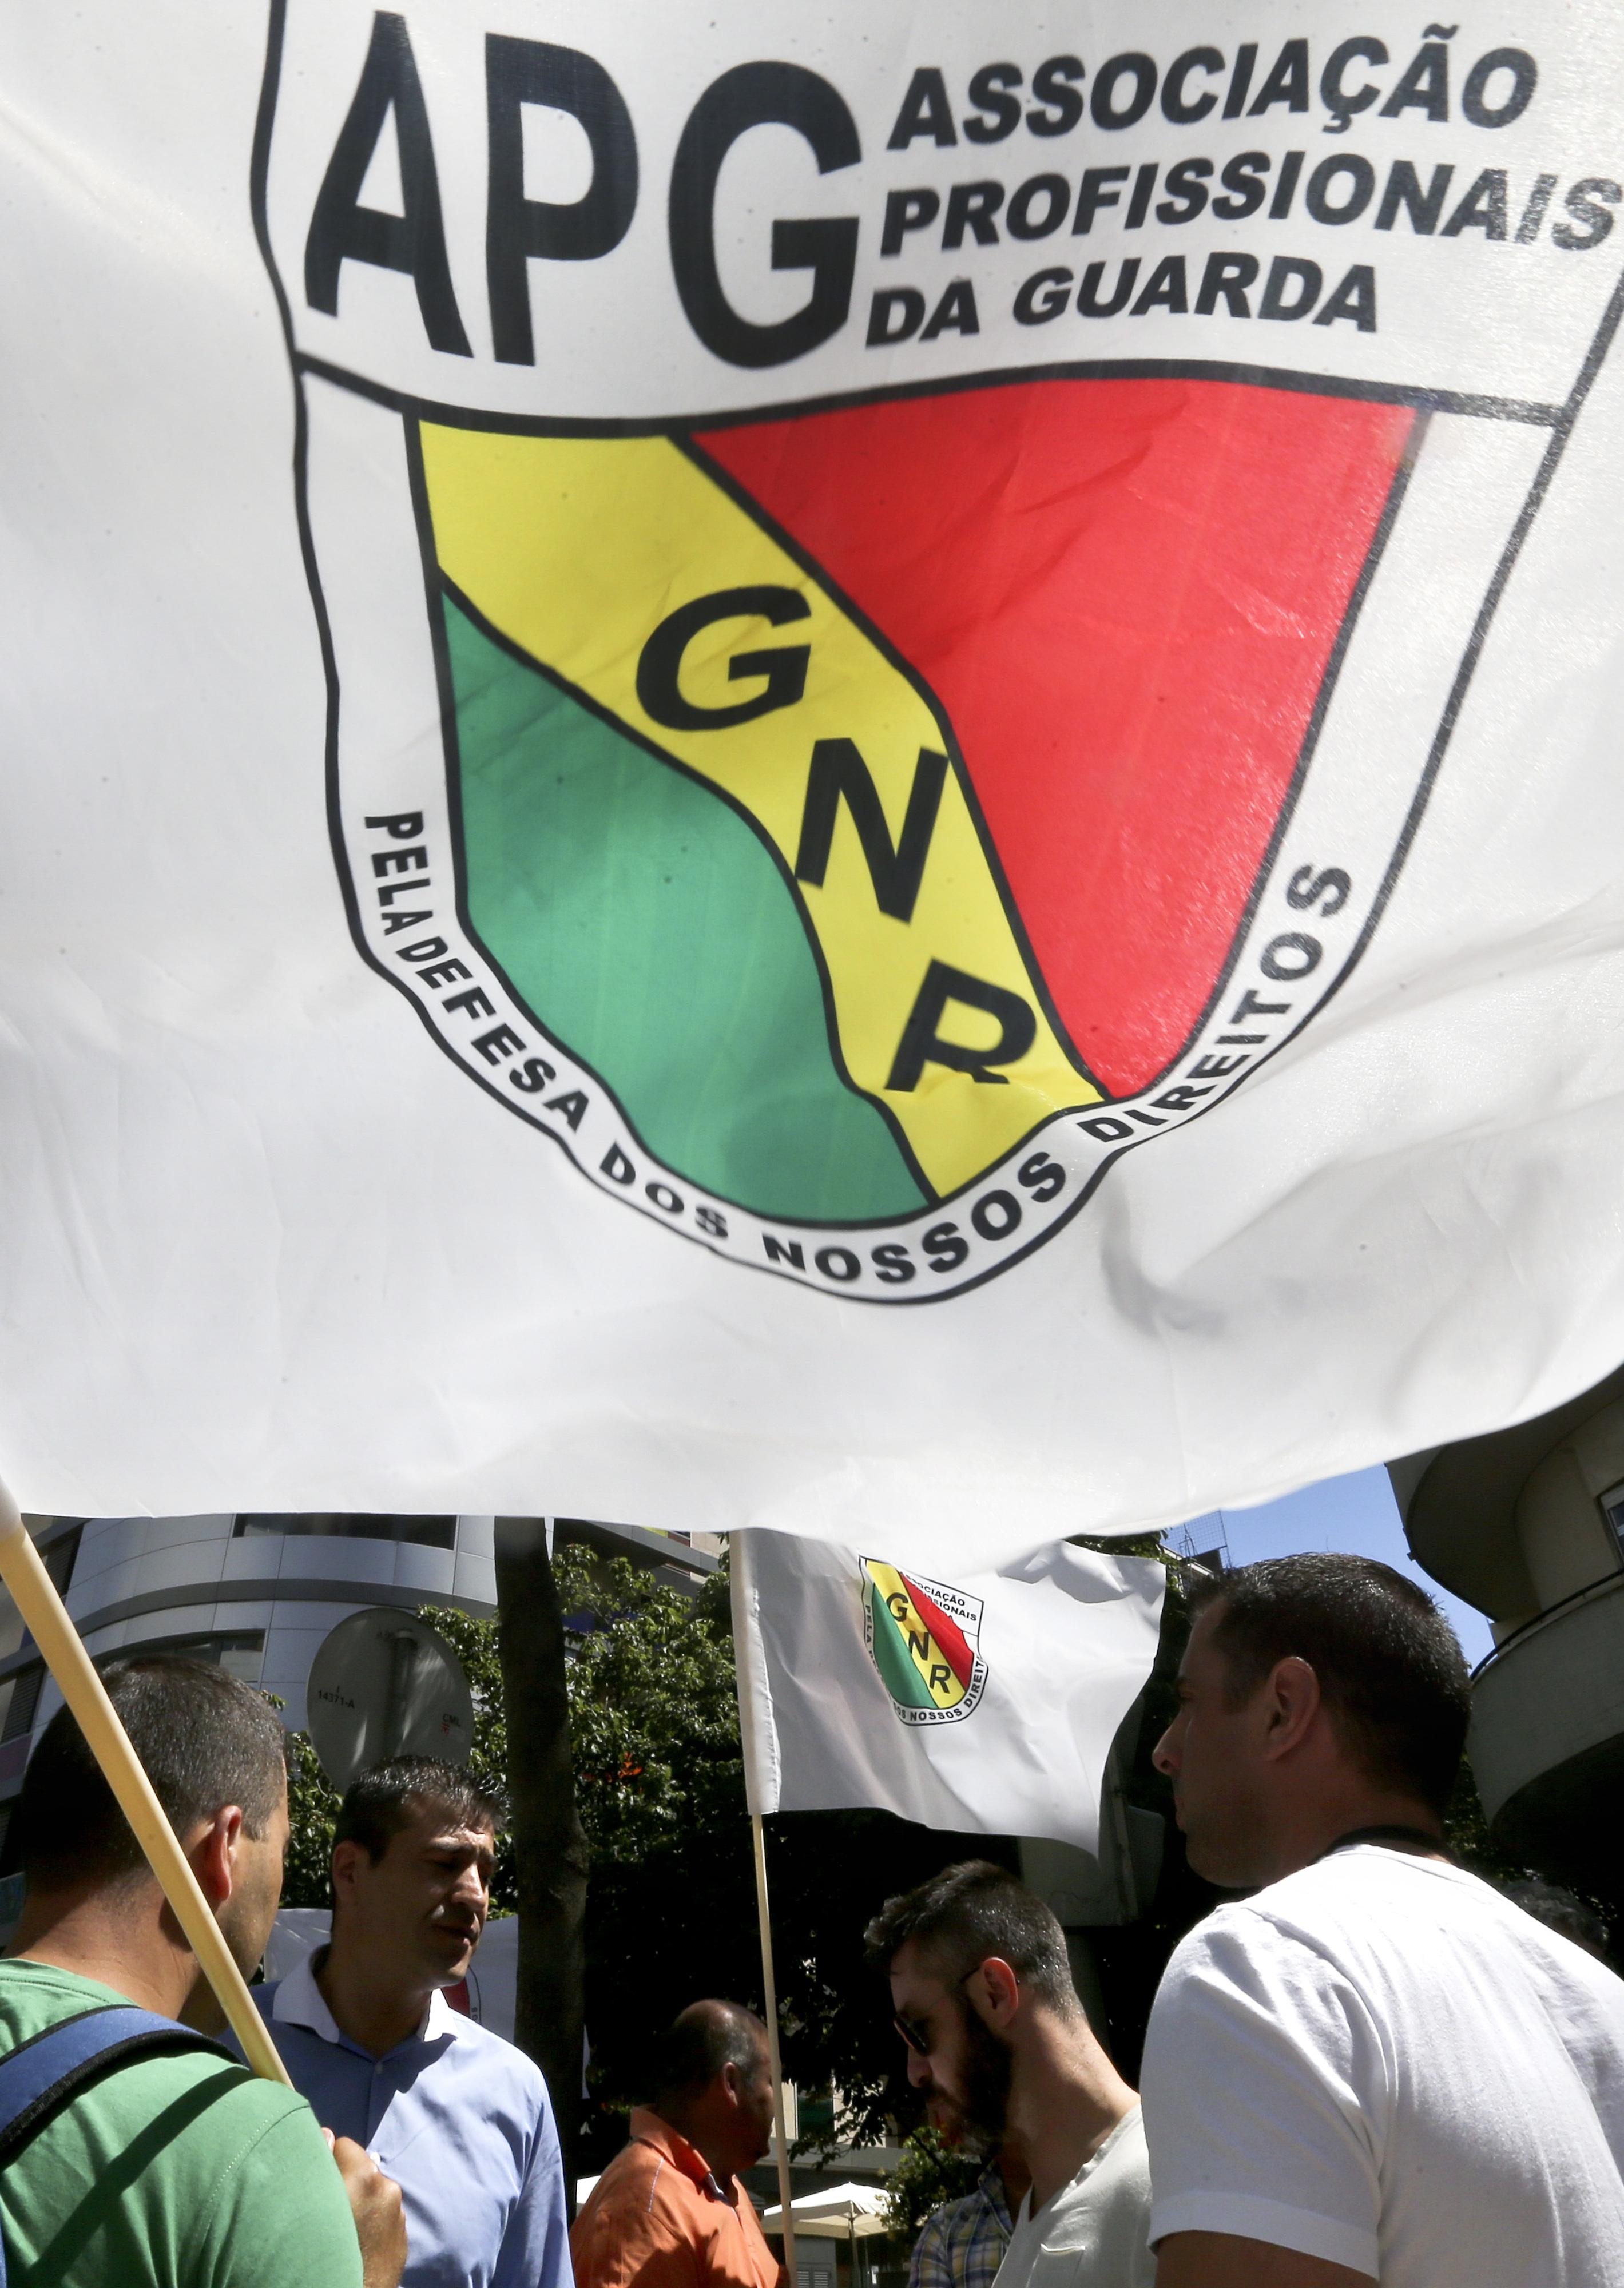 Associação Profissionais da Guarda insiste na falta de 600 militares na GNR